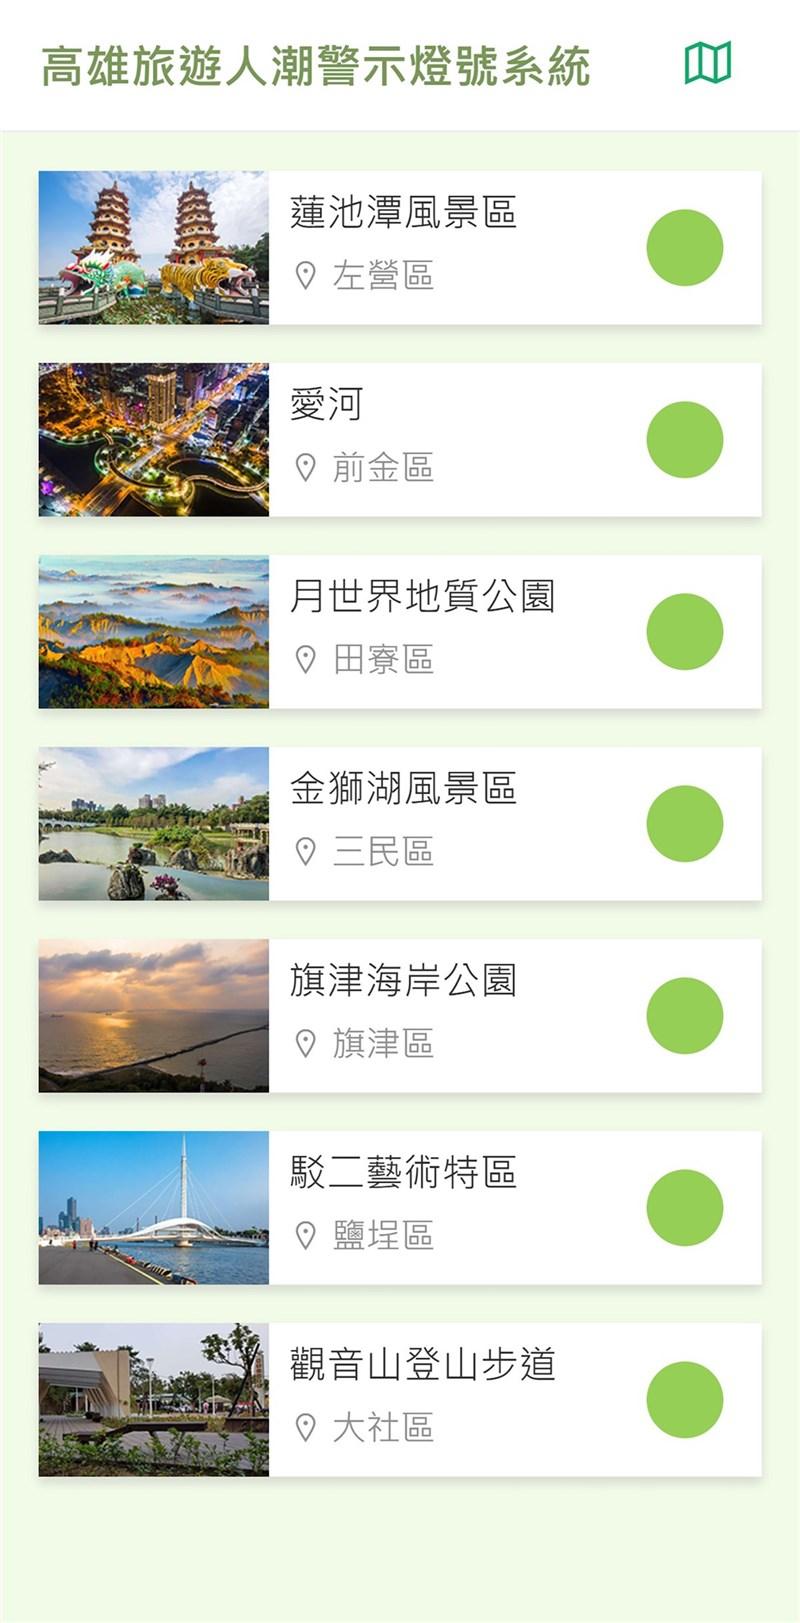 高雄市觀光局與電信業者合作推出「高雄旅遊人潮警示燈號系統」測試版,針對熱門景區提供人流訊息燈號,供民眾出遊參考。(高雄市觀光局提供)中央社記者蔡孟妤傳真 110年7月27日